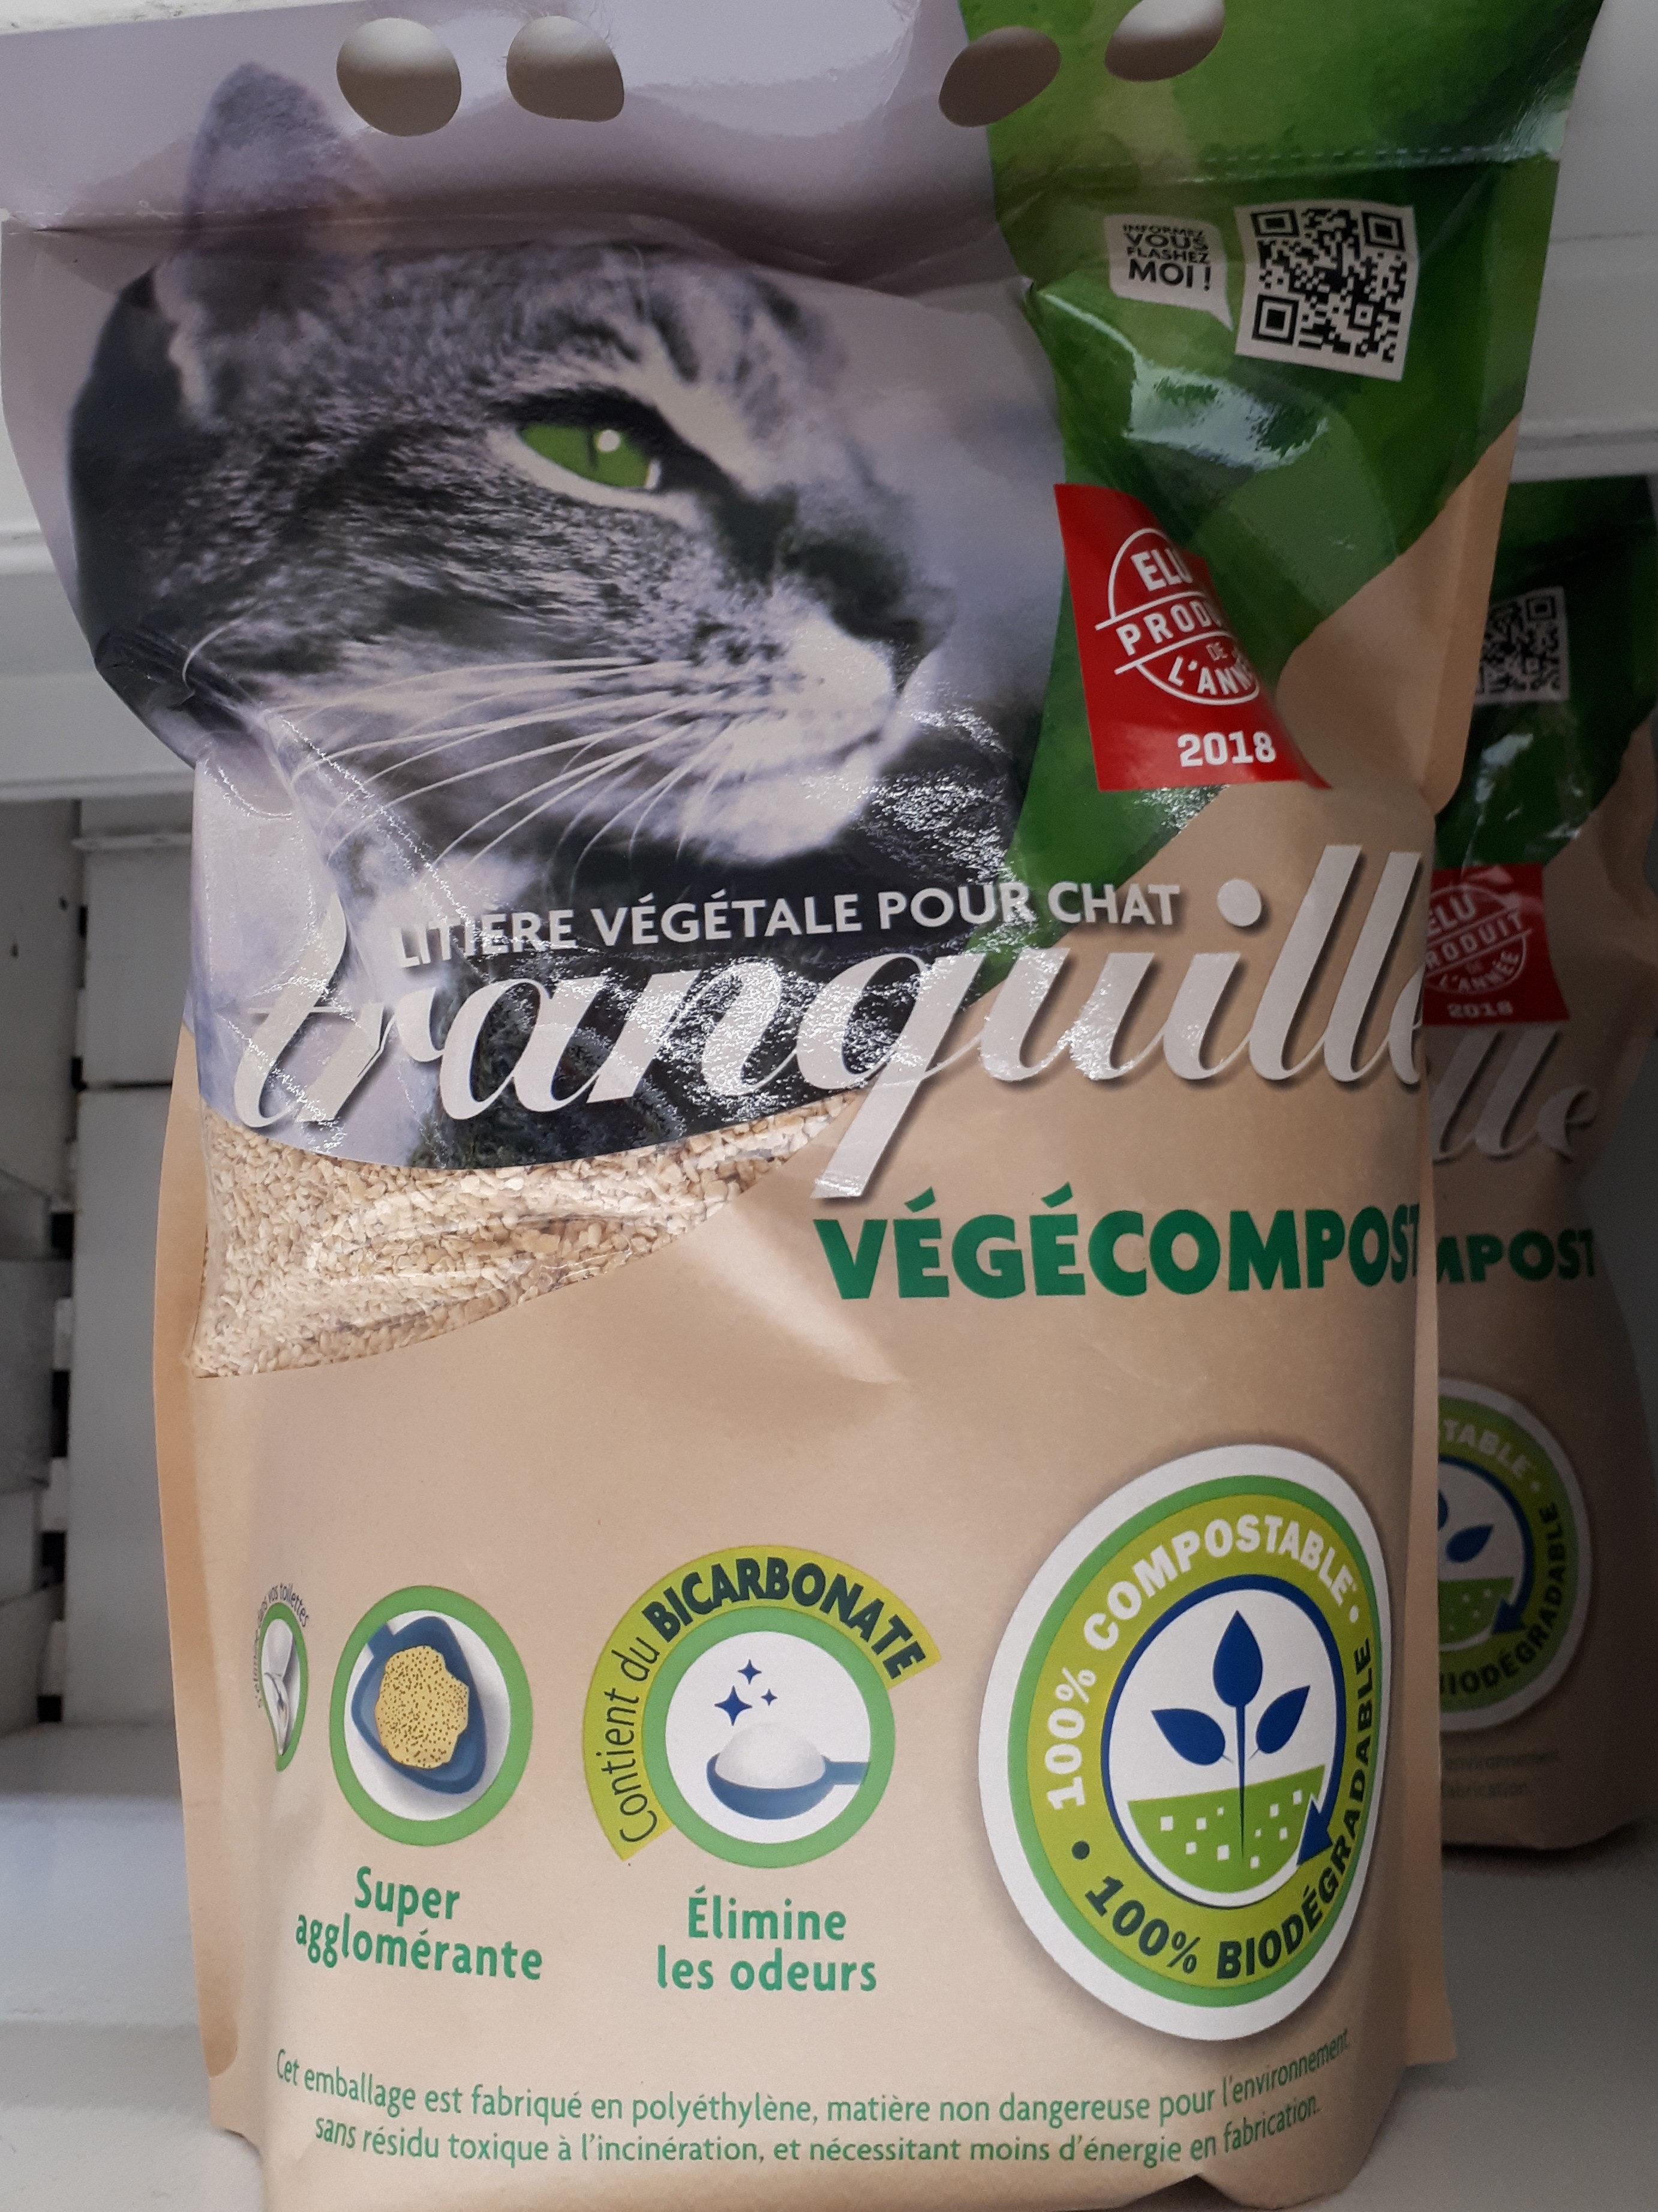 laitière vegetale pour chat - Product